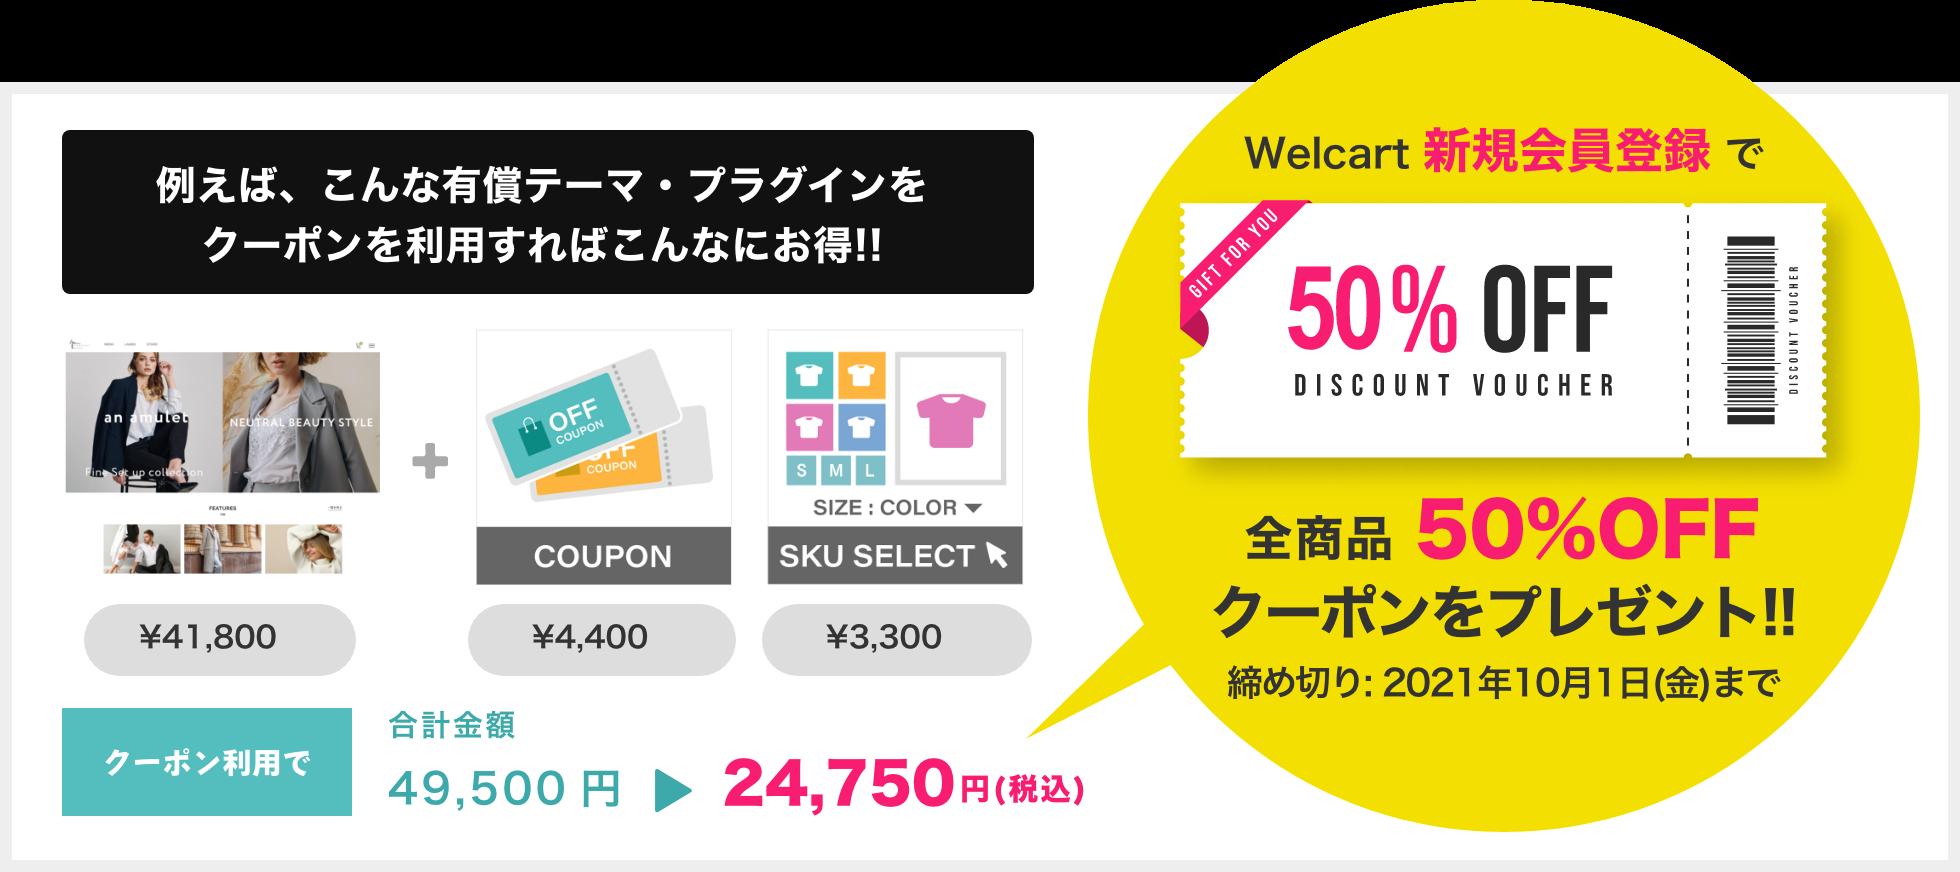 例えば、こんな有償テーマ・プラグインをクーポンを利用すればこんなにお得!! Welcart新規会員登録で全商品50%OFFクーポンをプレゼント!! 締め切り:2021年10月1日(金)まで